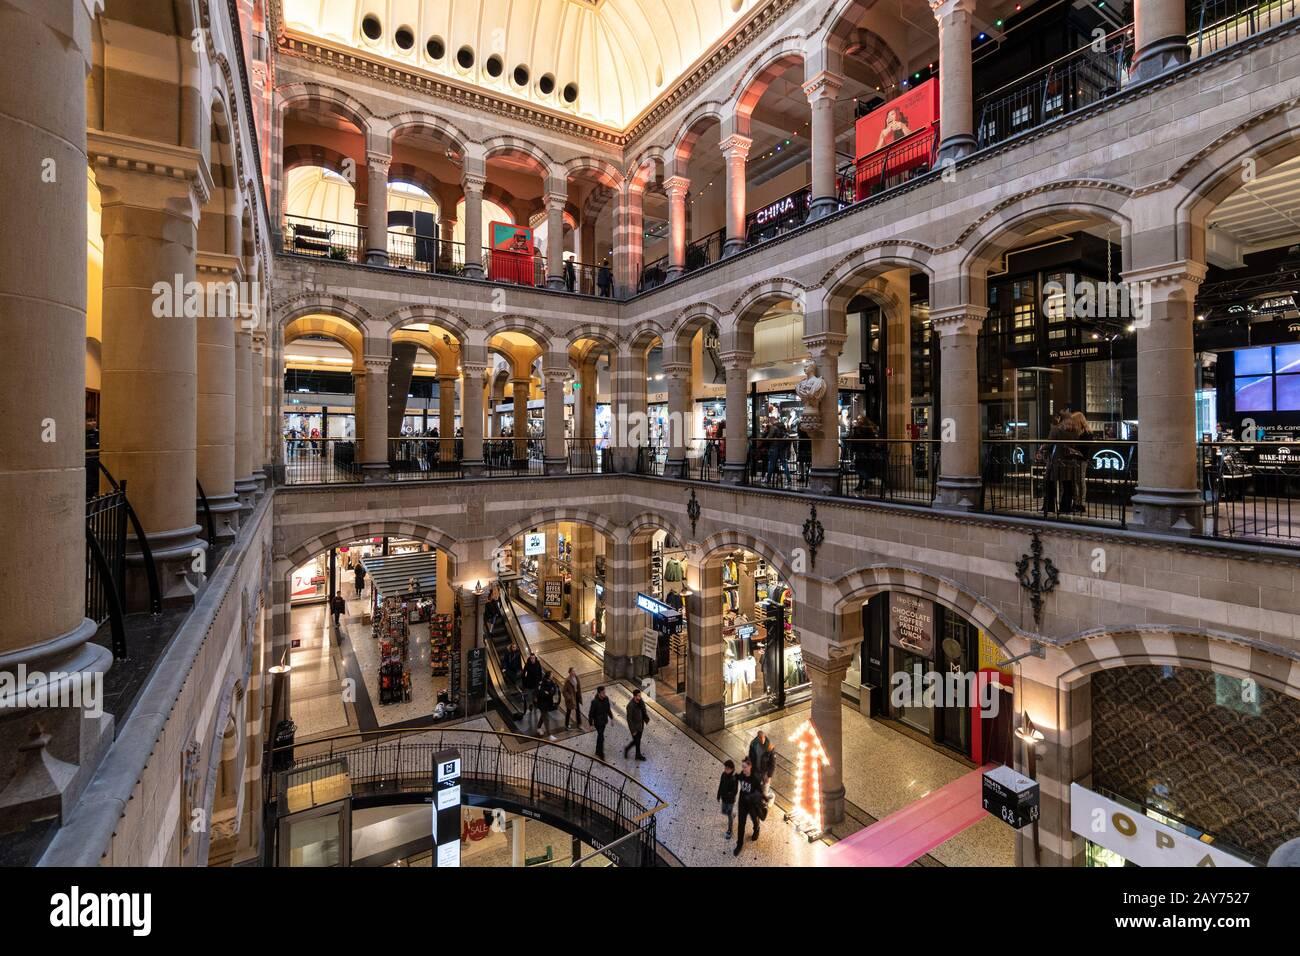 Amsterdam, Holanda - Enero 30 2020: La gente estrall dentro del centro comercial Magna Plaza de lujo en Amsterdam. El edificio data del siglo 19 Foto de stock